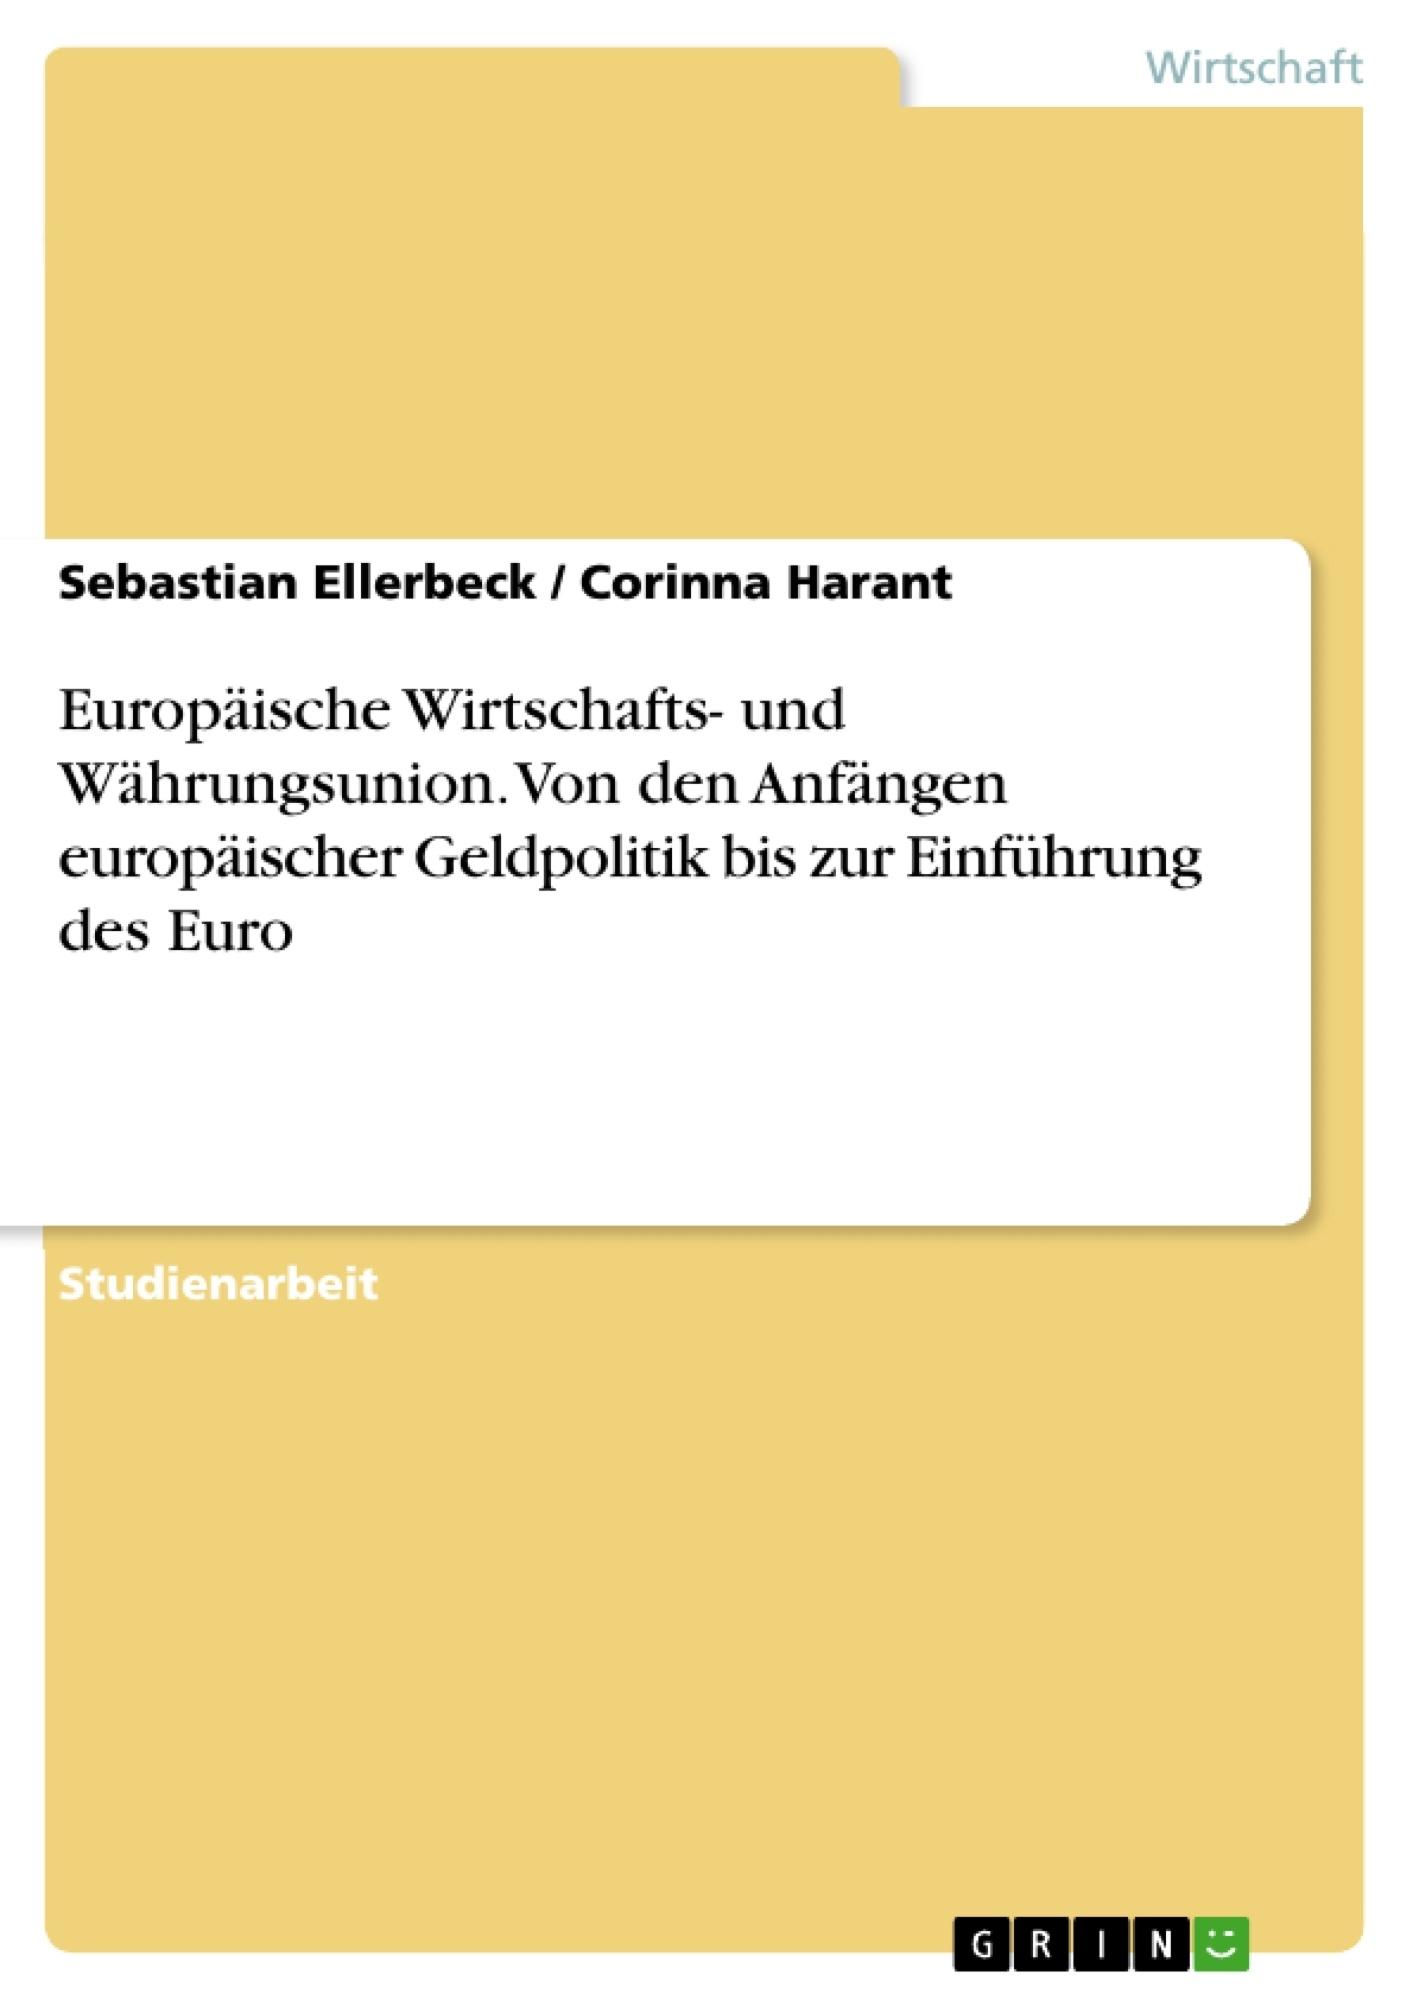 Titel: Europäische Wirtschafts- und Währungsunion. Von den Anfängen europäischer Geldpolitik bis zur Einführung des Euro